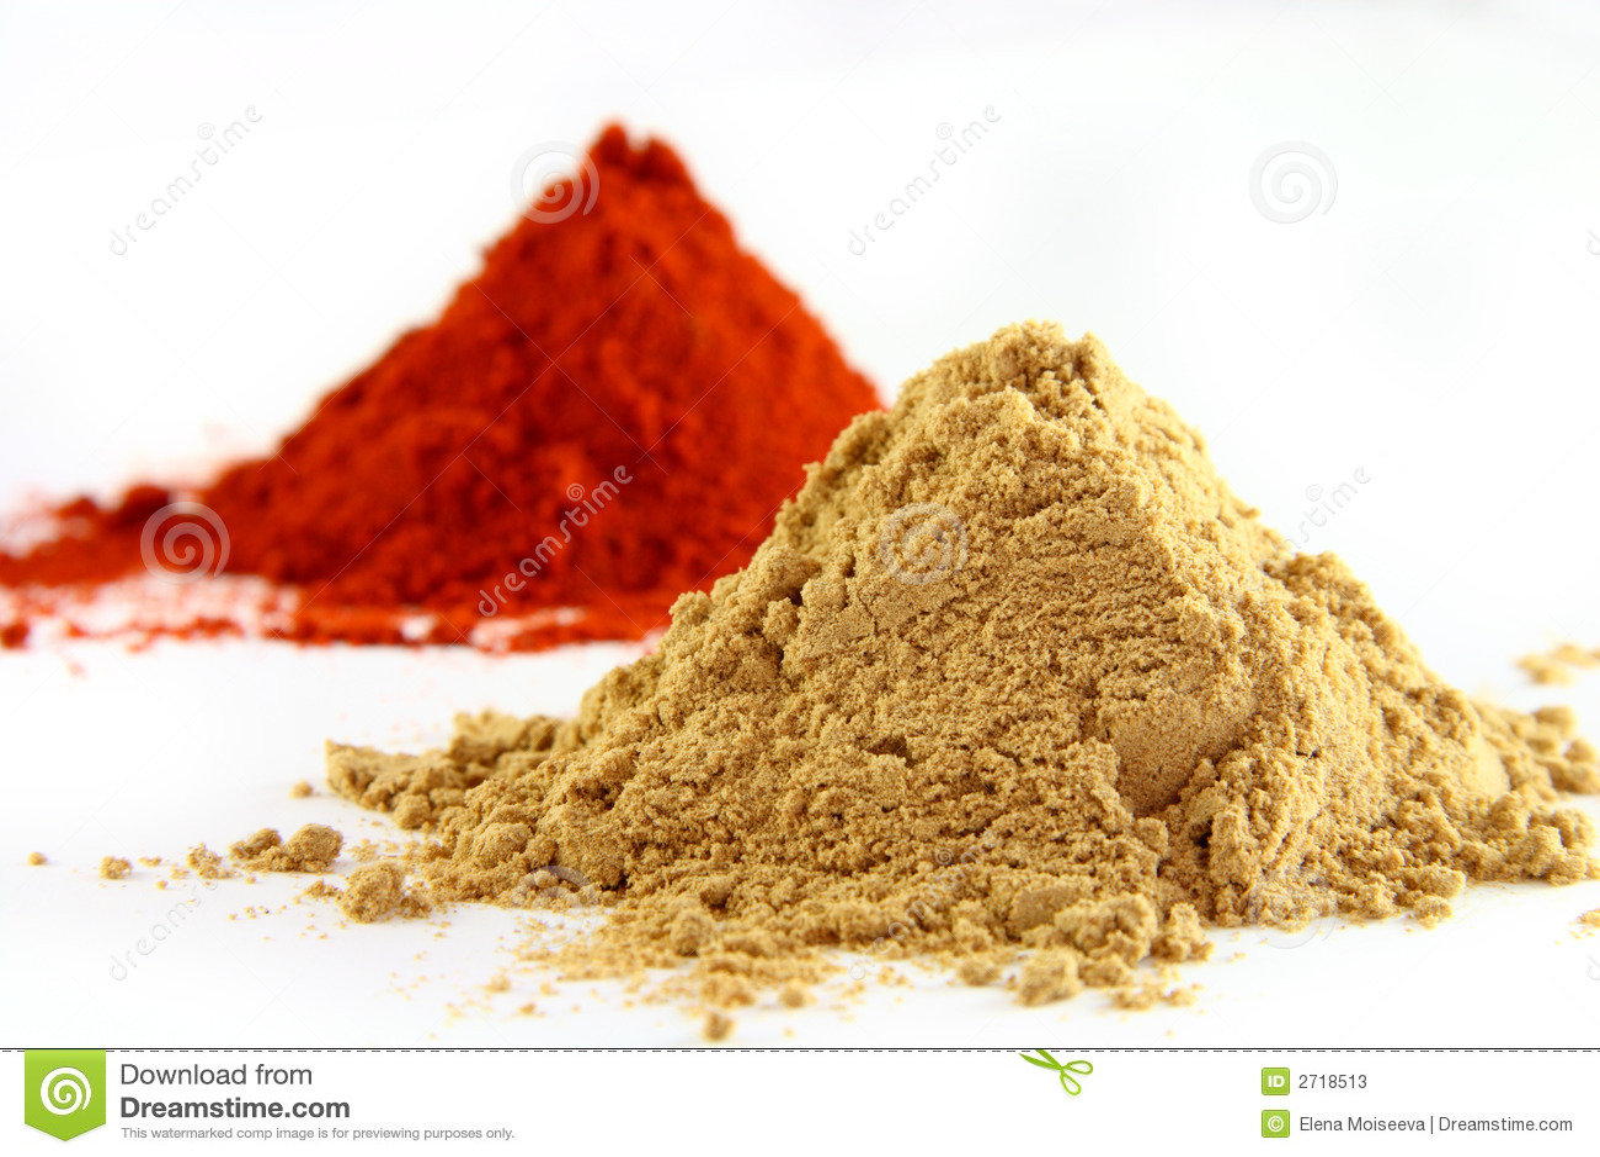 姜碎辣椒粉